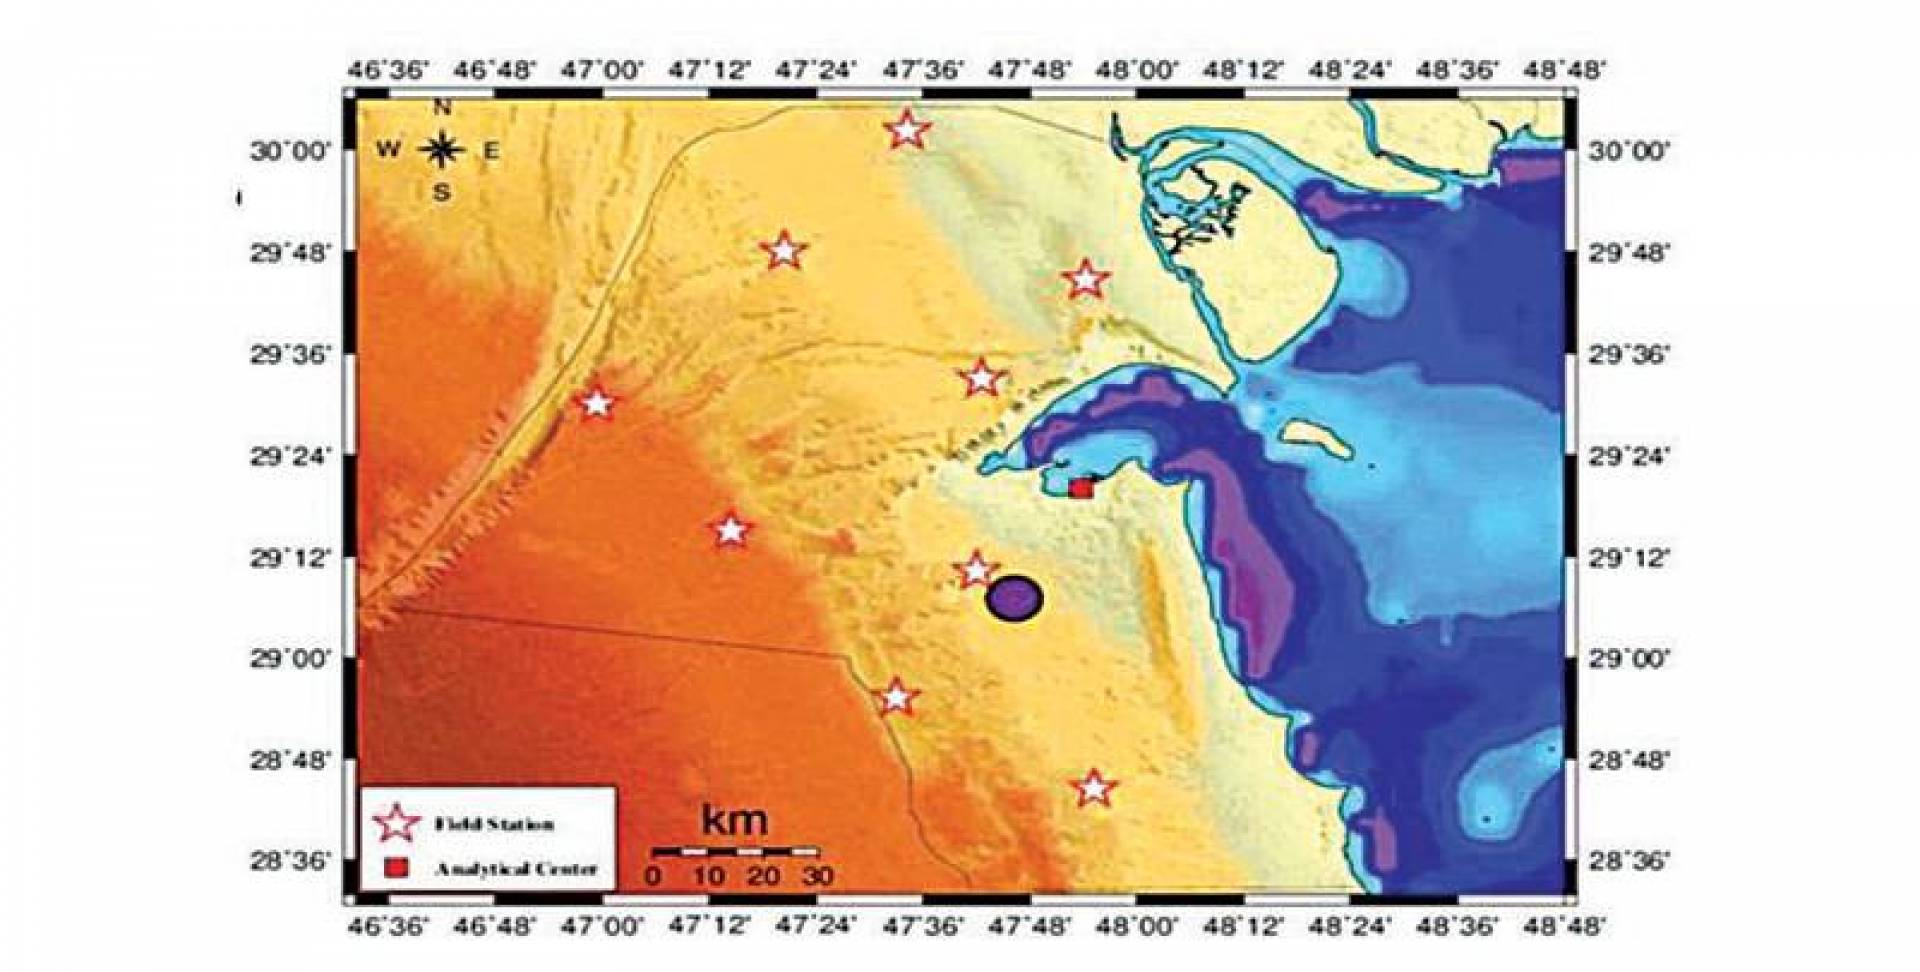 خريطة الزلزالين اللذين رُصدا أمس في الكويت